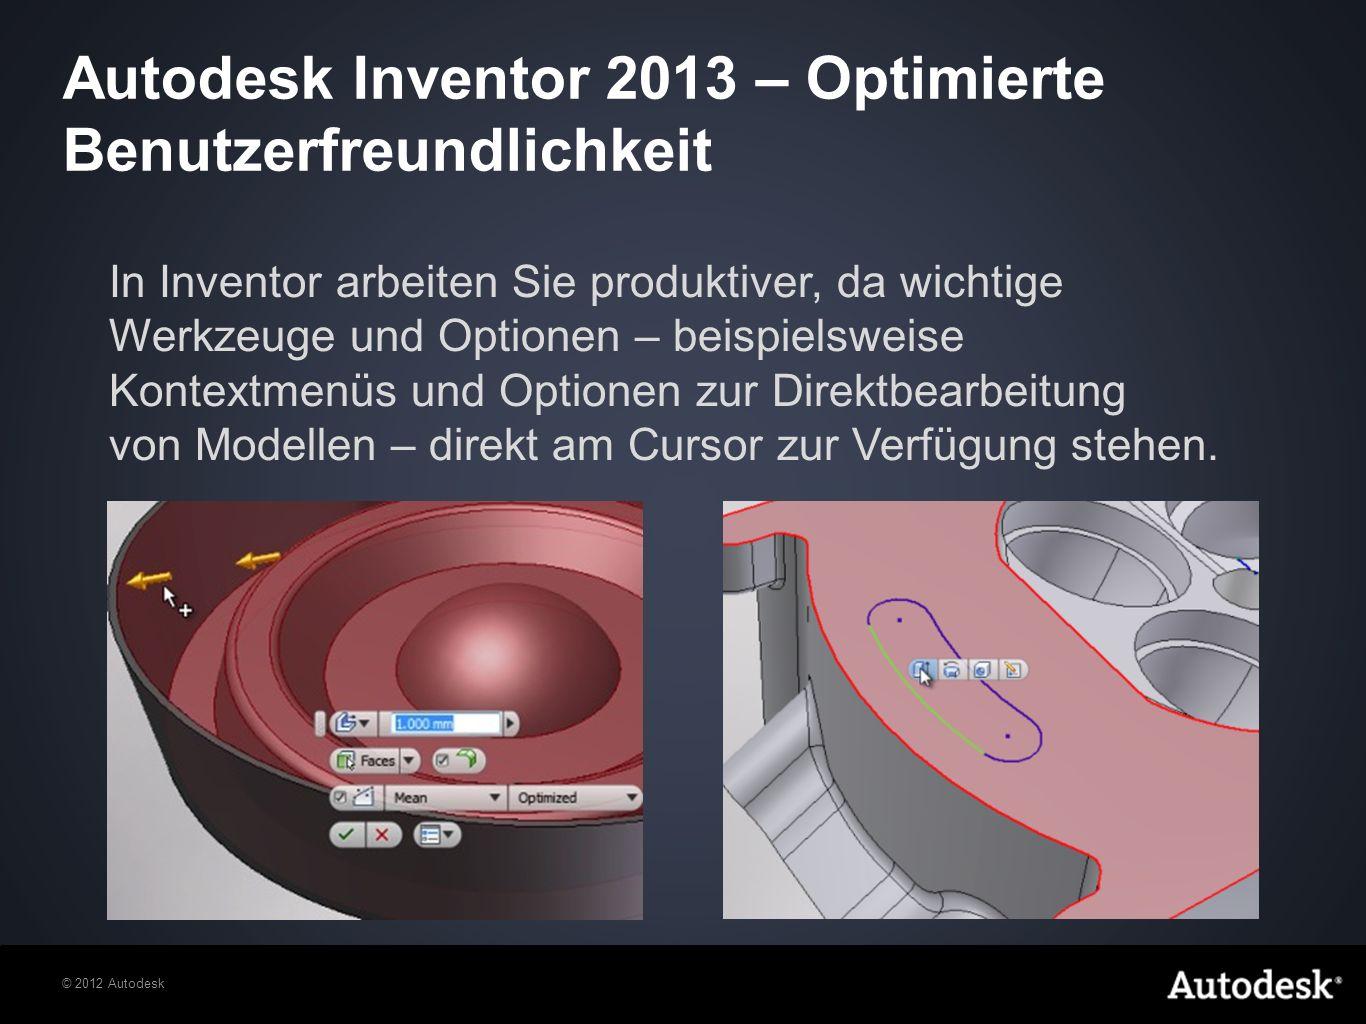 © 2012 Autodesk Weitere Aktualisierungen und Verbesserungen: Interoperabilität Administration Inventor ® Professional Neu in Autodesk Inventor 2013 Abbildung mit freundlicher Genehmigung von Brimrock Group Inc.